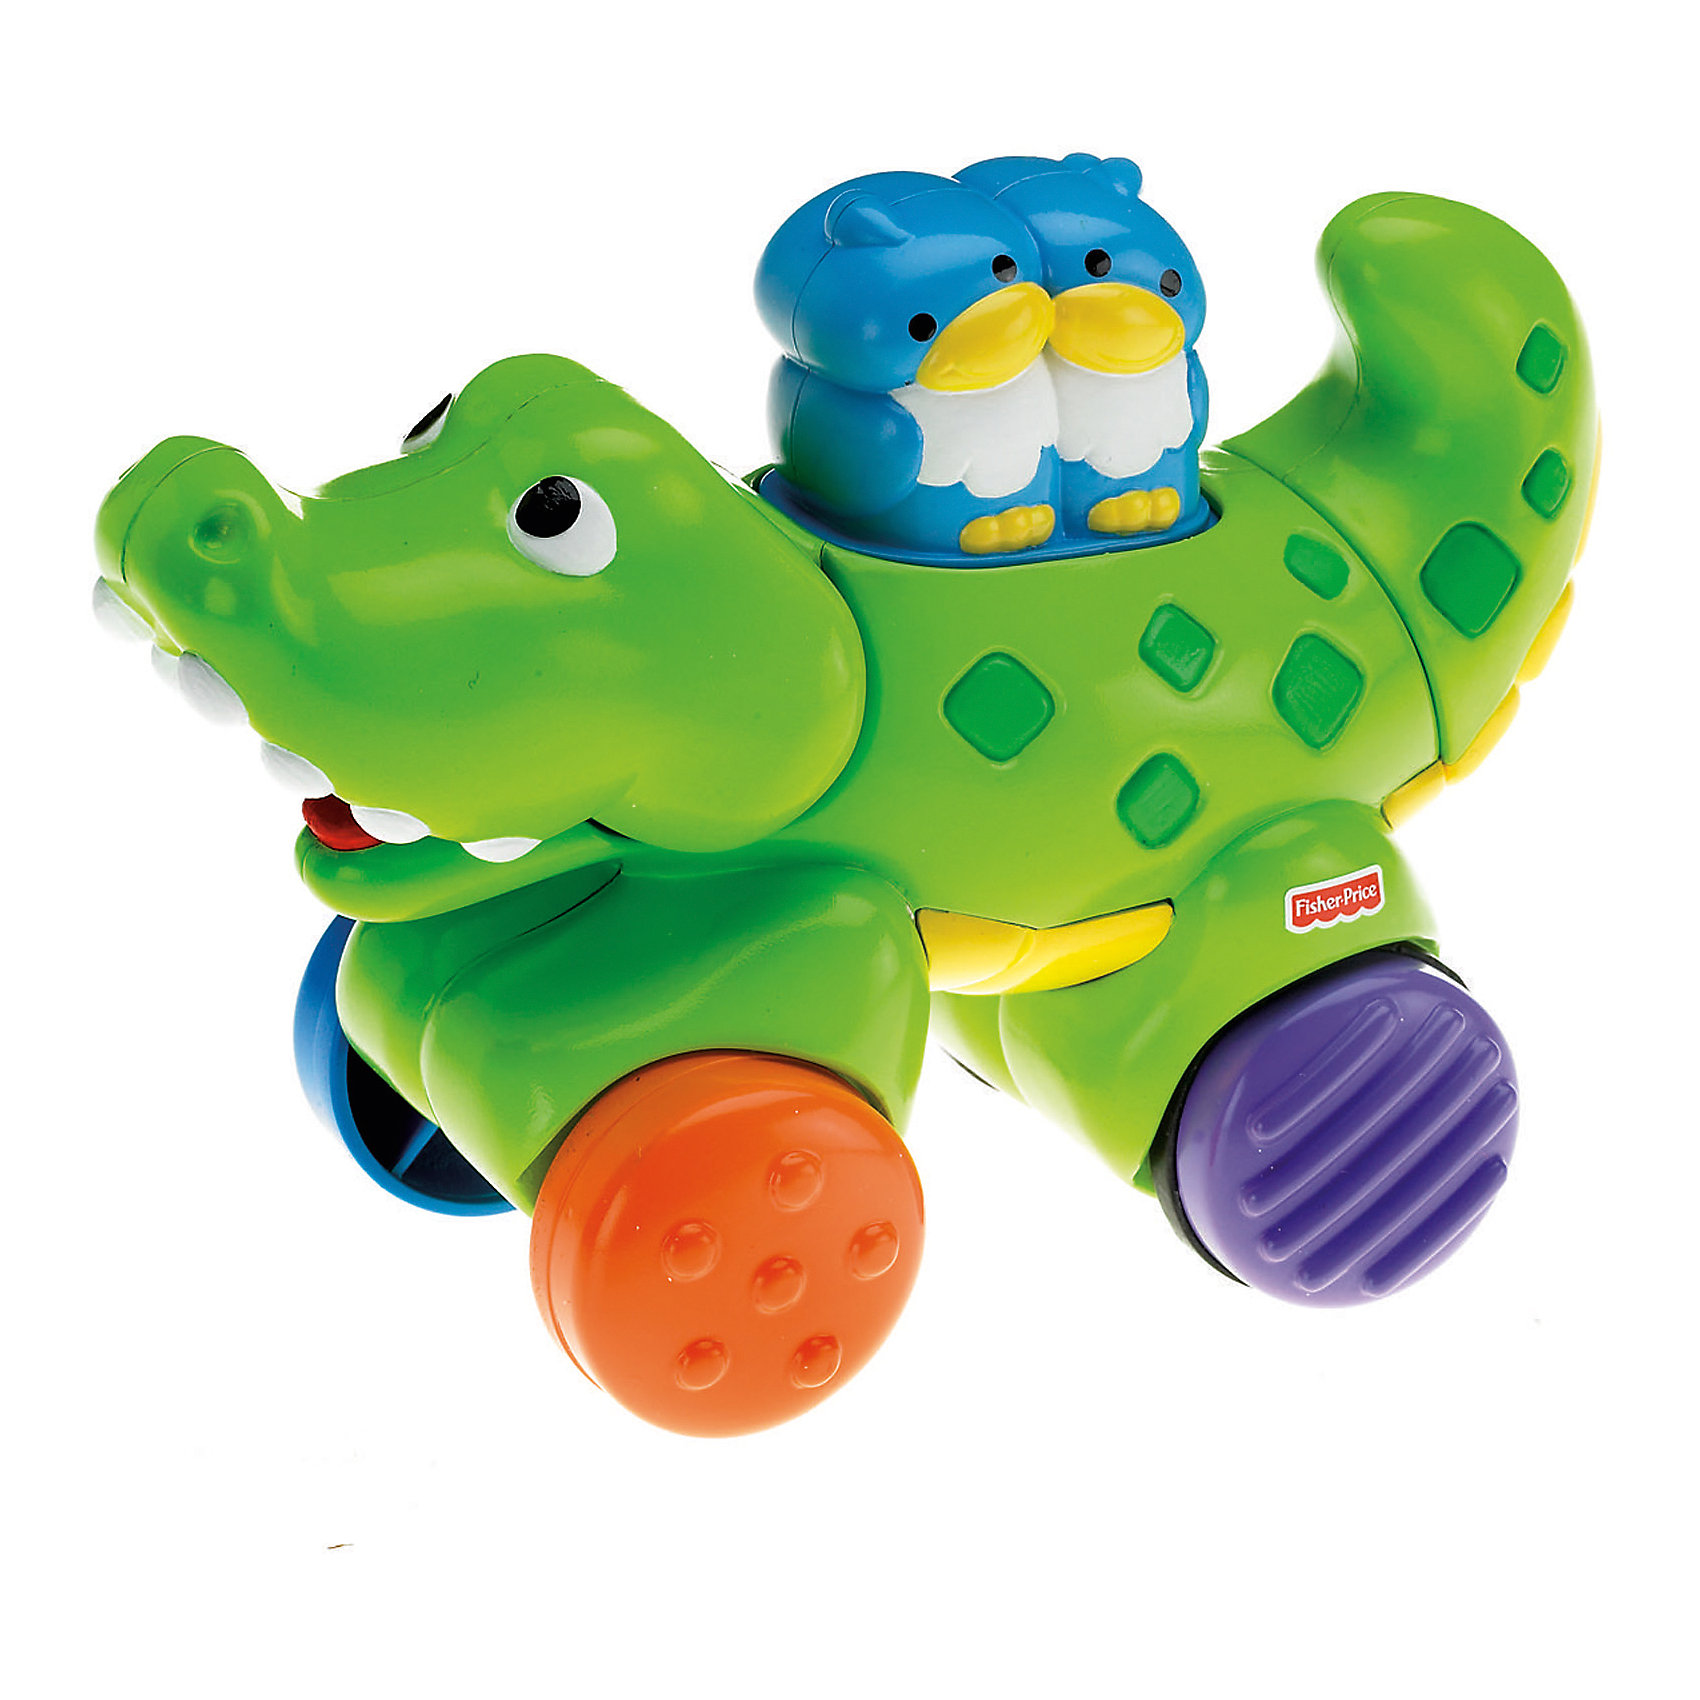 Игрушка инерционная Веселые животные, Fisher-PriceЭта замечательная игрушка обязательно понравится малышам. Очаровательный крокодил катает на спине двух милых птенчиков. Нажми на птичек, и крокодил начнет щелкать зубами и катиться вперед, поворачивая хвостом и закрывая и открывая пасть. Игрушка выполнена из высококачественного экологичного пластика безопасного даже для маленьких детей. <br><br>Дополнительная информация:<br><br>- Материал: пластик. <br>- Размер: 20,5х17х10,5 см. <br>- Крокодил едет, открывает пасть.<br>- Хвост вращается и щелкает. <br>- Поверхность игрушки имеет различную структуру для развития тактильных ощущений малыша.<br><br>Игрушку инерционную, Веселые животные, Fisher-Price (Фишер Прайс) можно купить в нашем магазине.<br><br>Ширина мм: 205<br>Глубина мм: 103<br>Высота мм: 166<br>Вес г: 440<br>Возраст от месяцев: 0<br>Возраст до месяцев: 36<br>Пол: Унисекс<br>Возраст: Детский<br>SKU: 4557621